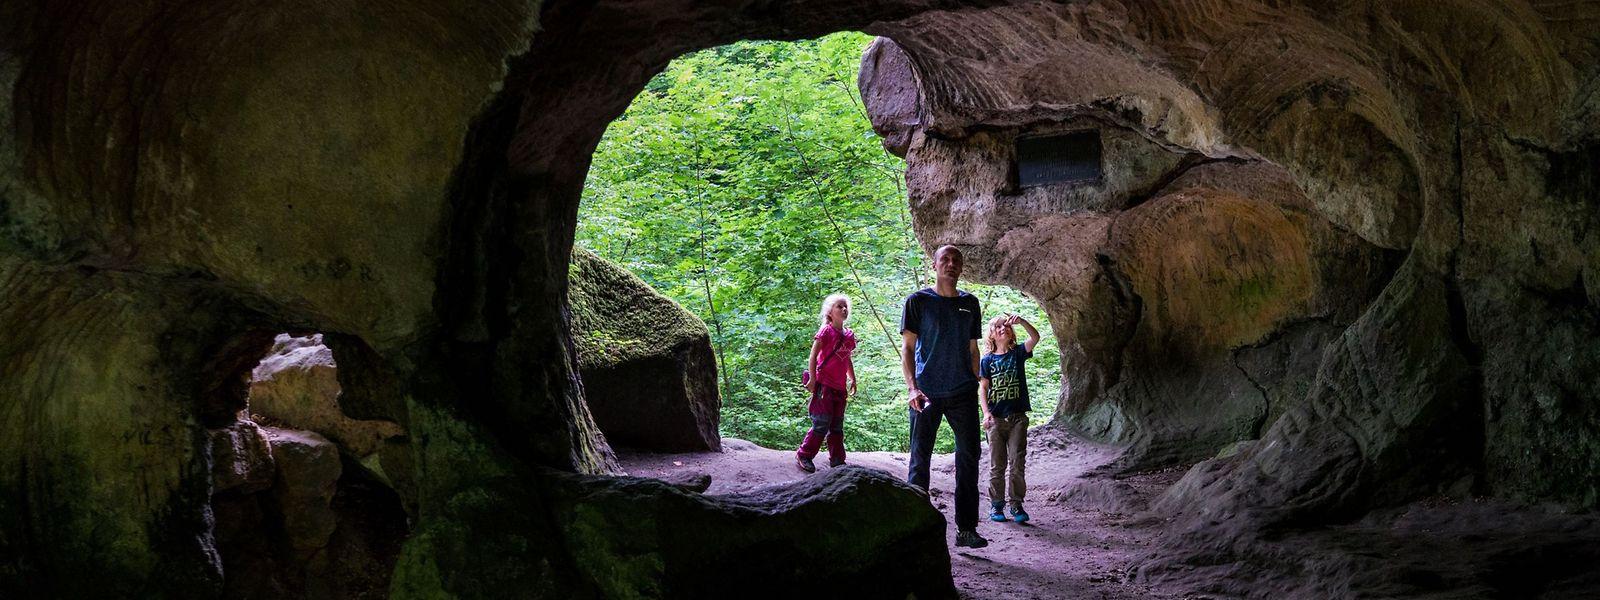 Höhlen, Klüfte und Felswände: Das Müllerthal hat Dutzende geologische Sehenswürdigkeiten zu bieten.